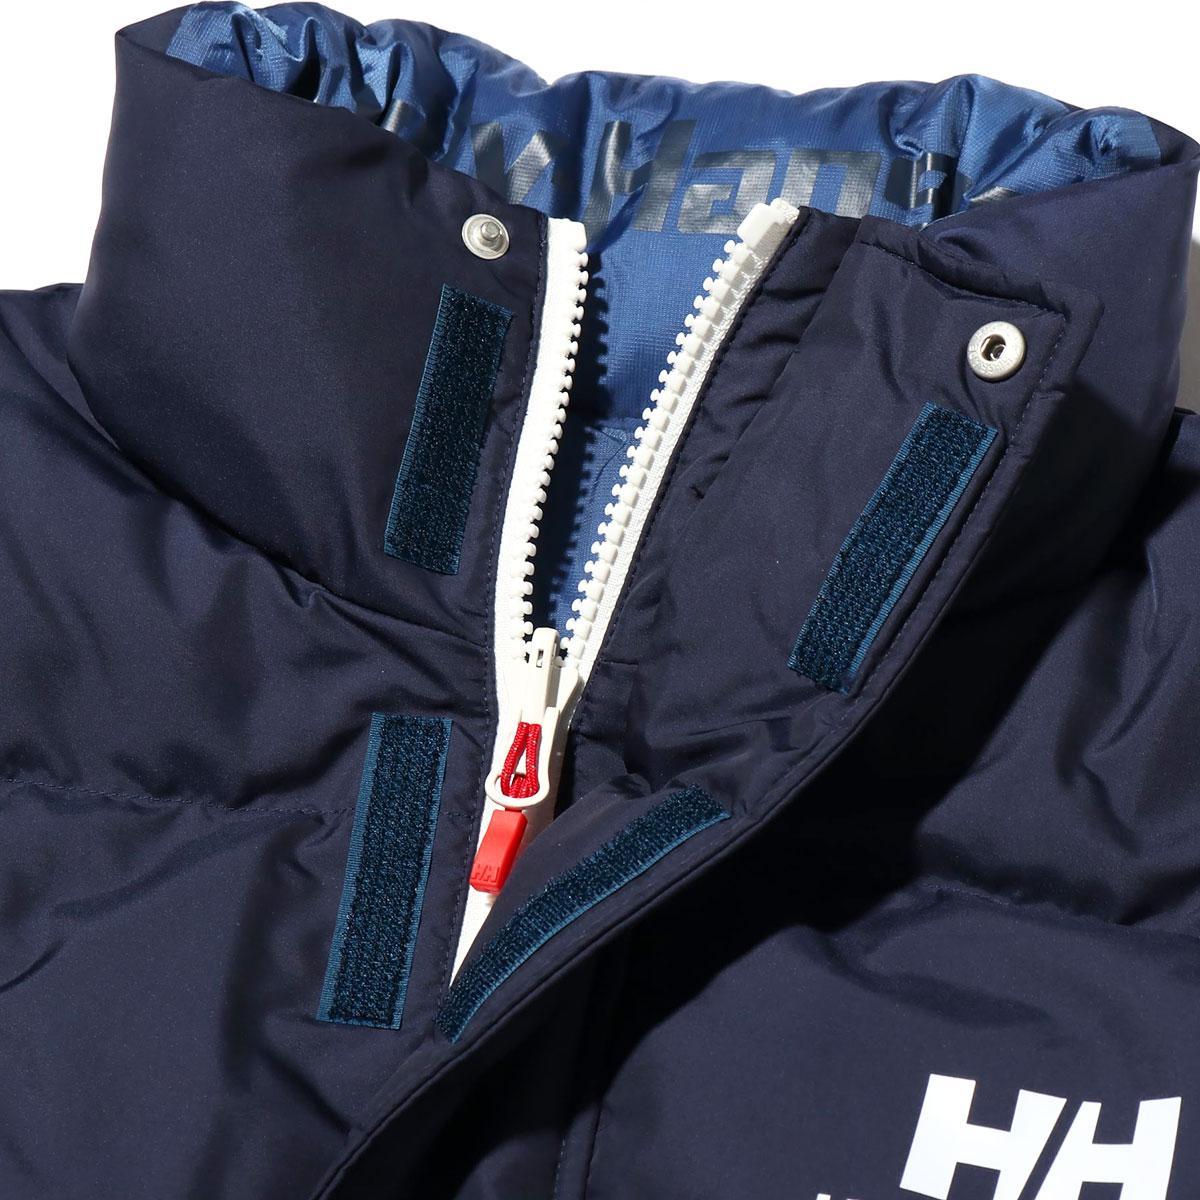 HELLY HANSEN BUBBLE DOWN JACKET (ヘリーハンセン バブル ダウン ジャケット)HB/ヘリーブルー【メンズ ジャケット】18FW-I